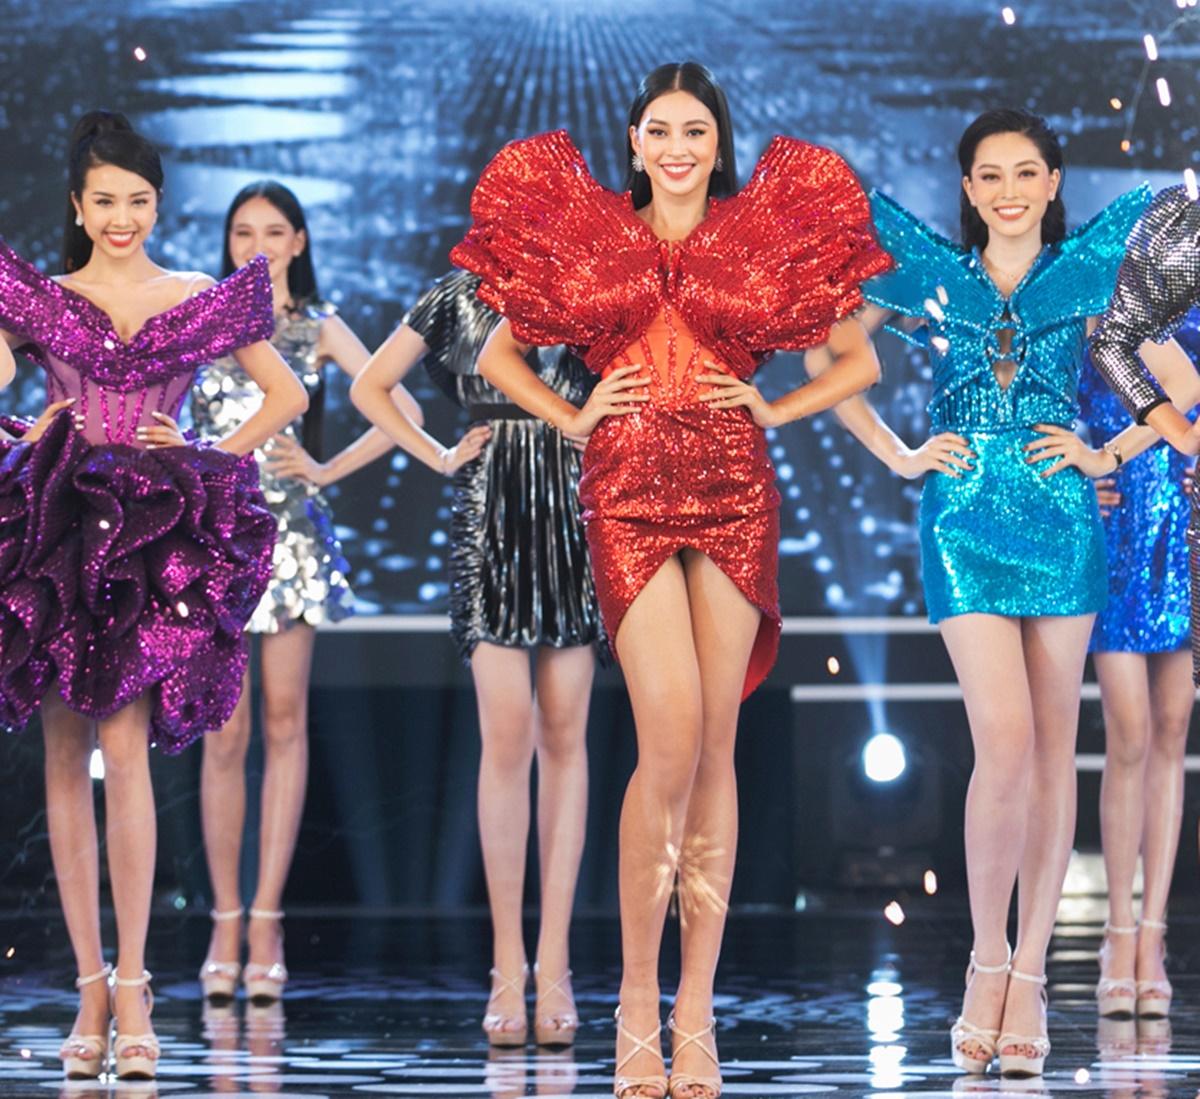 Trần Ninh Hưng cho biết anh chọn ba màu đỏ - xanh - tím cho top 3 Hoa hậu Việt Nam 2018 để khiến họ nổi bật trên sân khấu. Ba thiết kế được làm thủ công trong hơn một tháng.